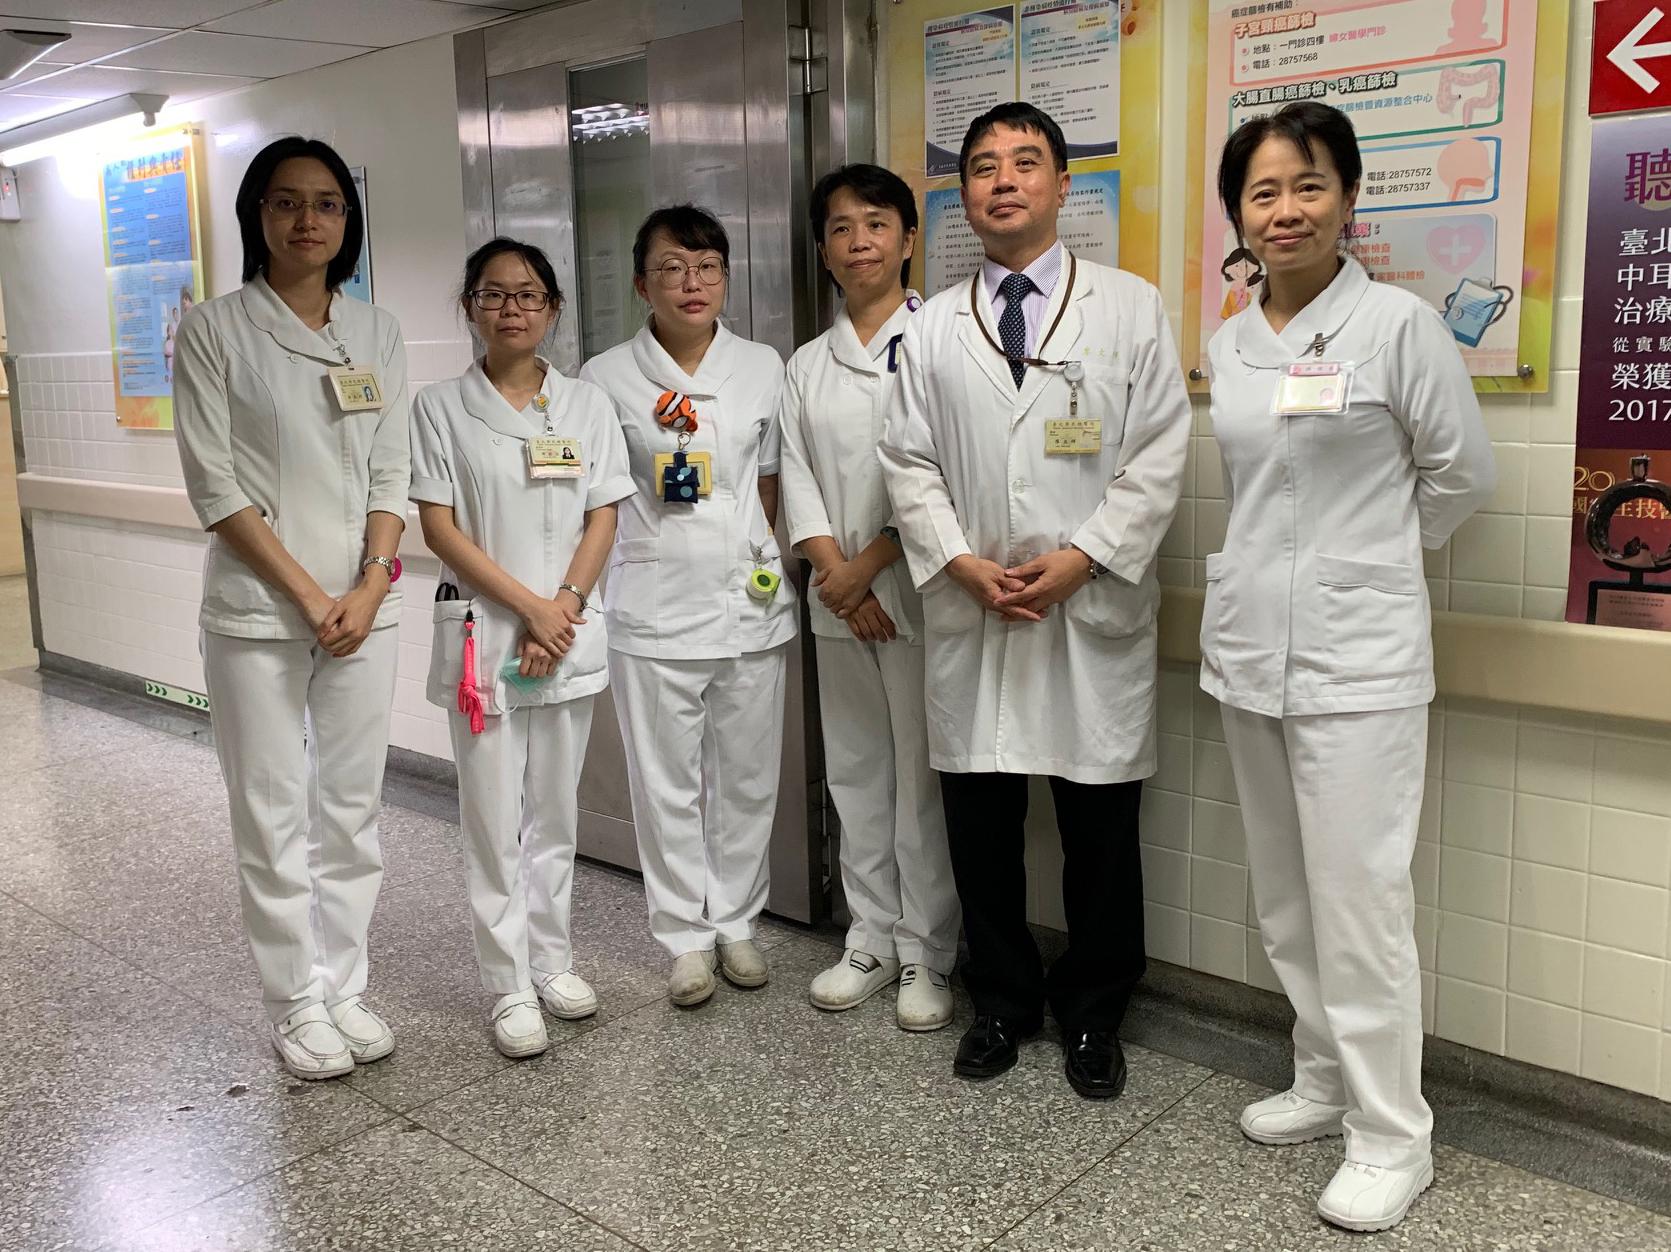 臺北榮總耳科醫護團隊